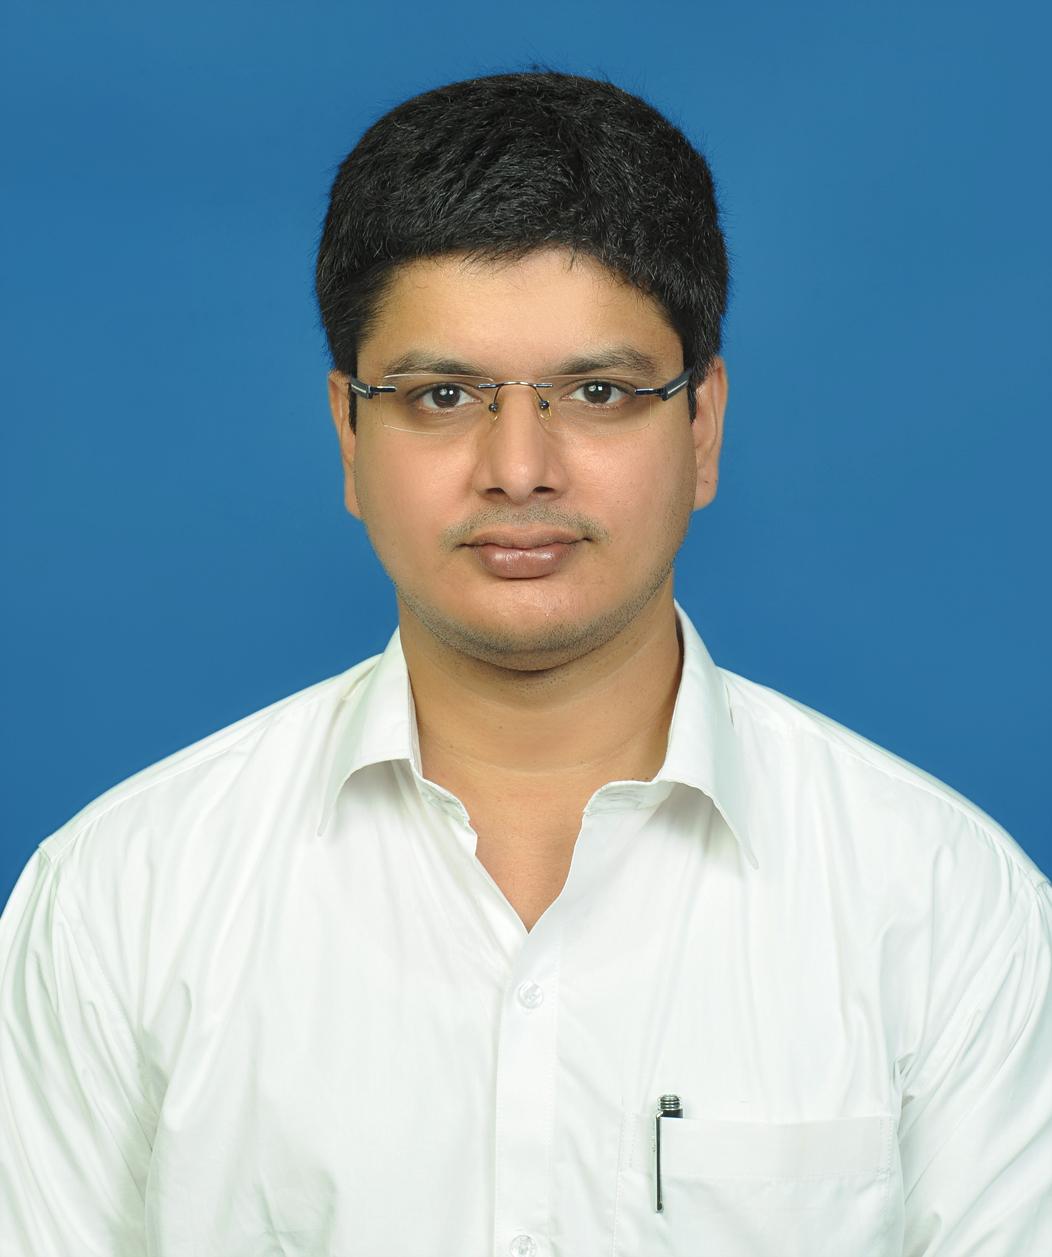 Sampathrao Sudhakar